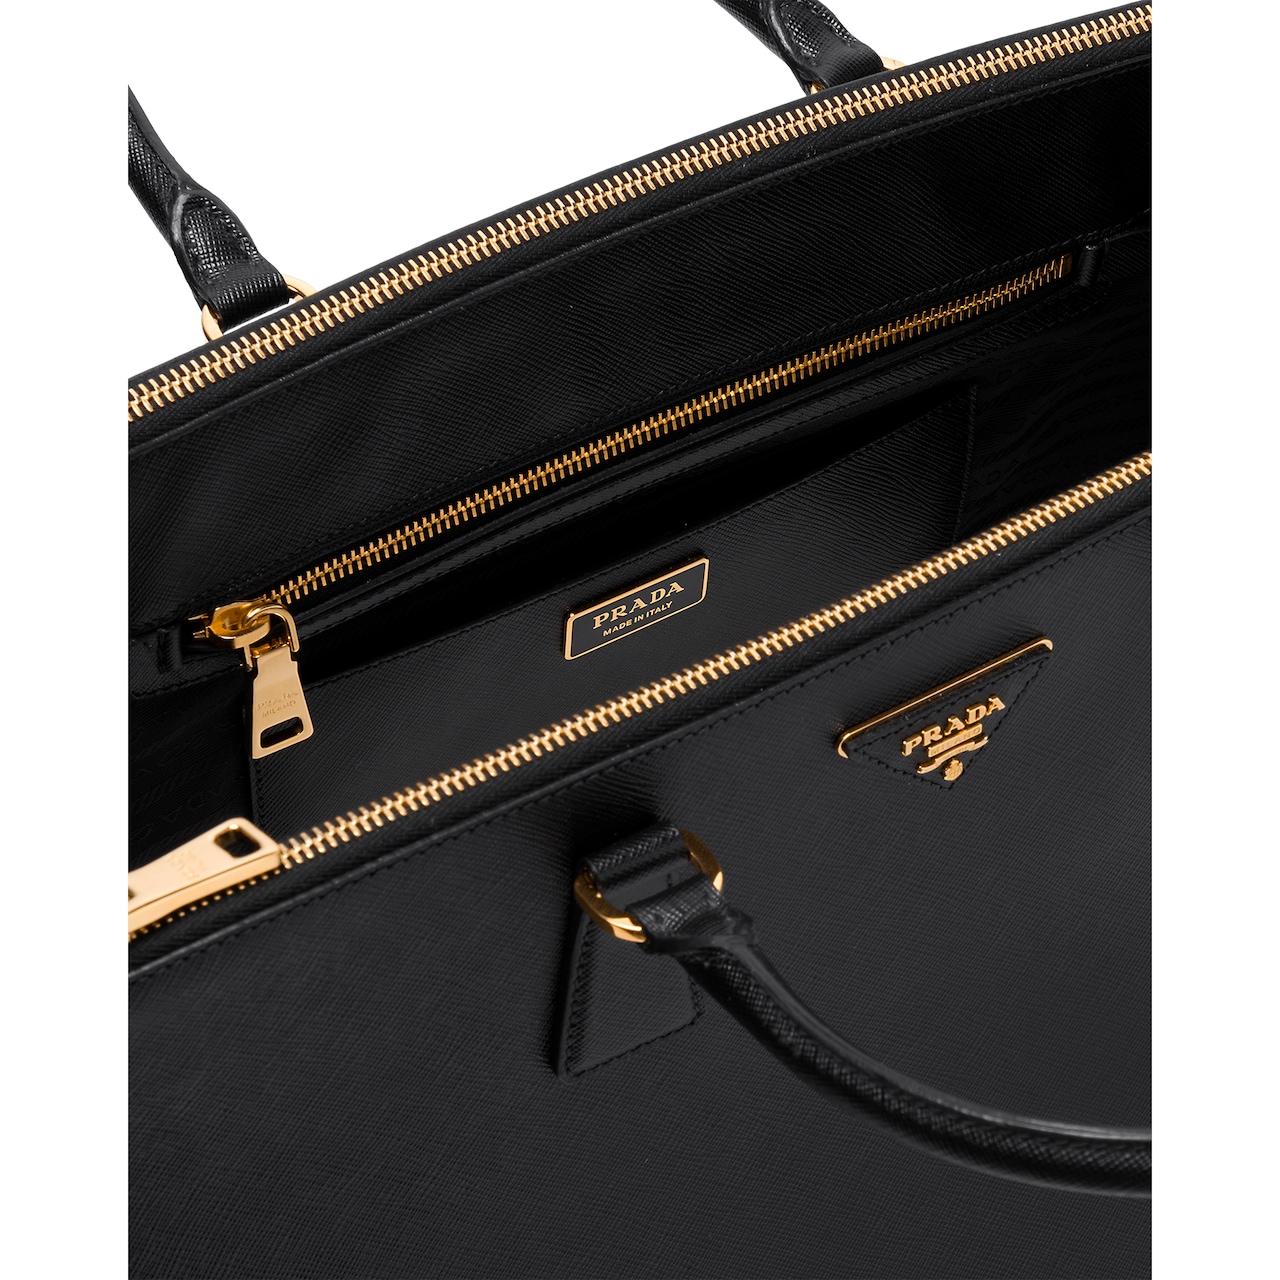 Maxi sac Prada Galleria en cuir Saffiano